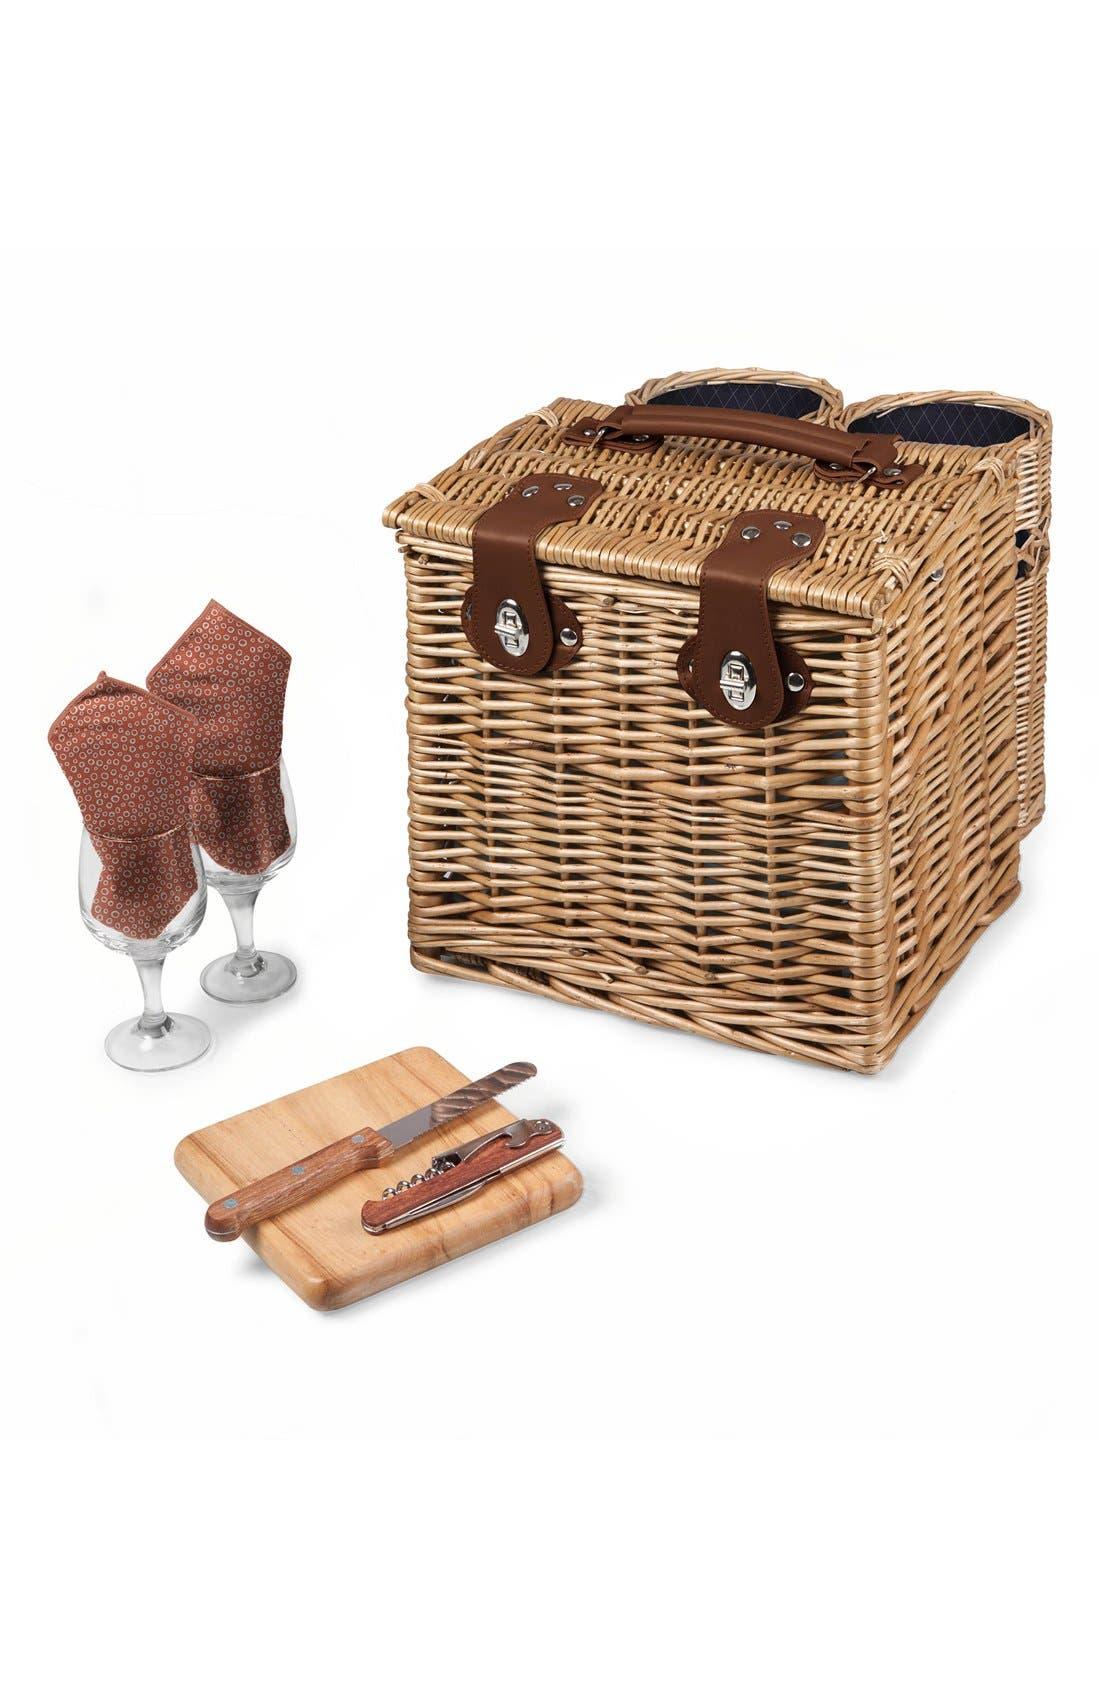 'Vino' Wine & Cheese Picnic Basket,                             Main thumbnail 1, color,                             400